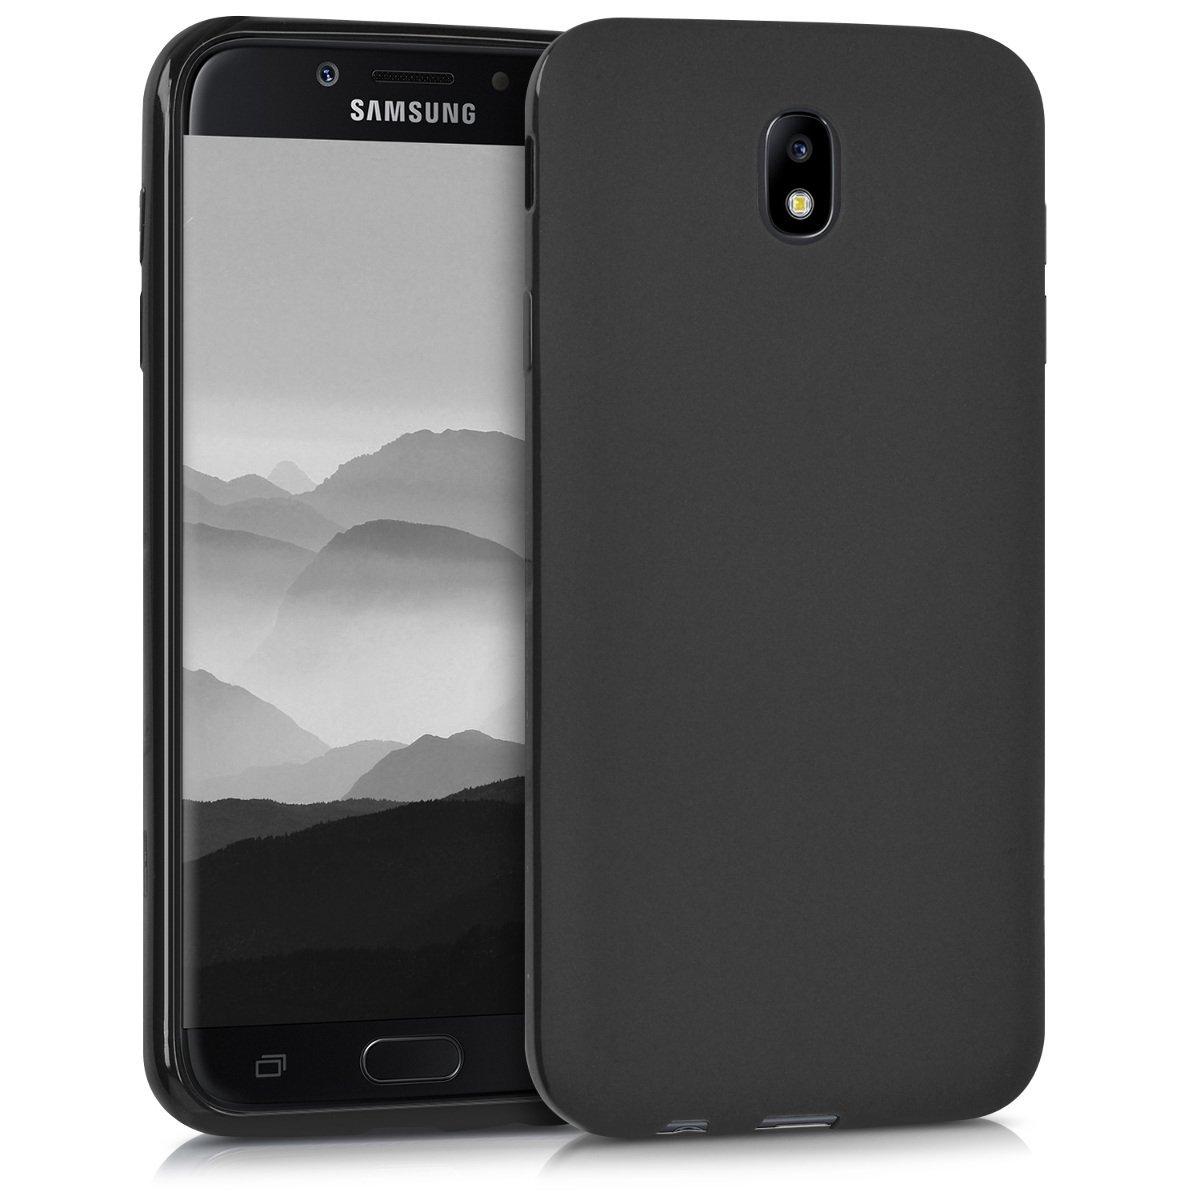 KW Θήκη Σιλικόνης Samsung Galaxy J7 2017 (Version J730F) - Black Matte (42287.47)